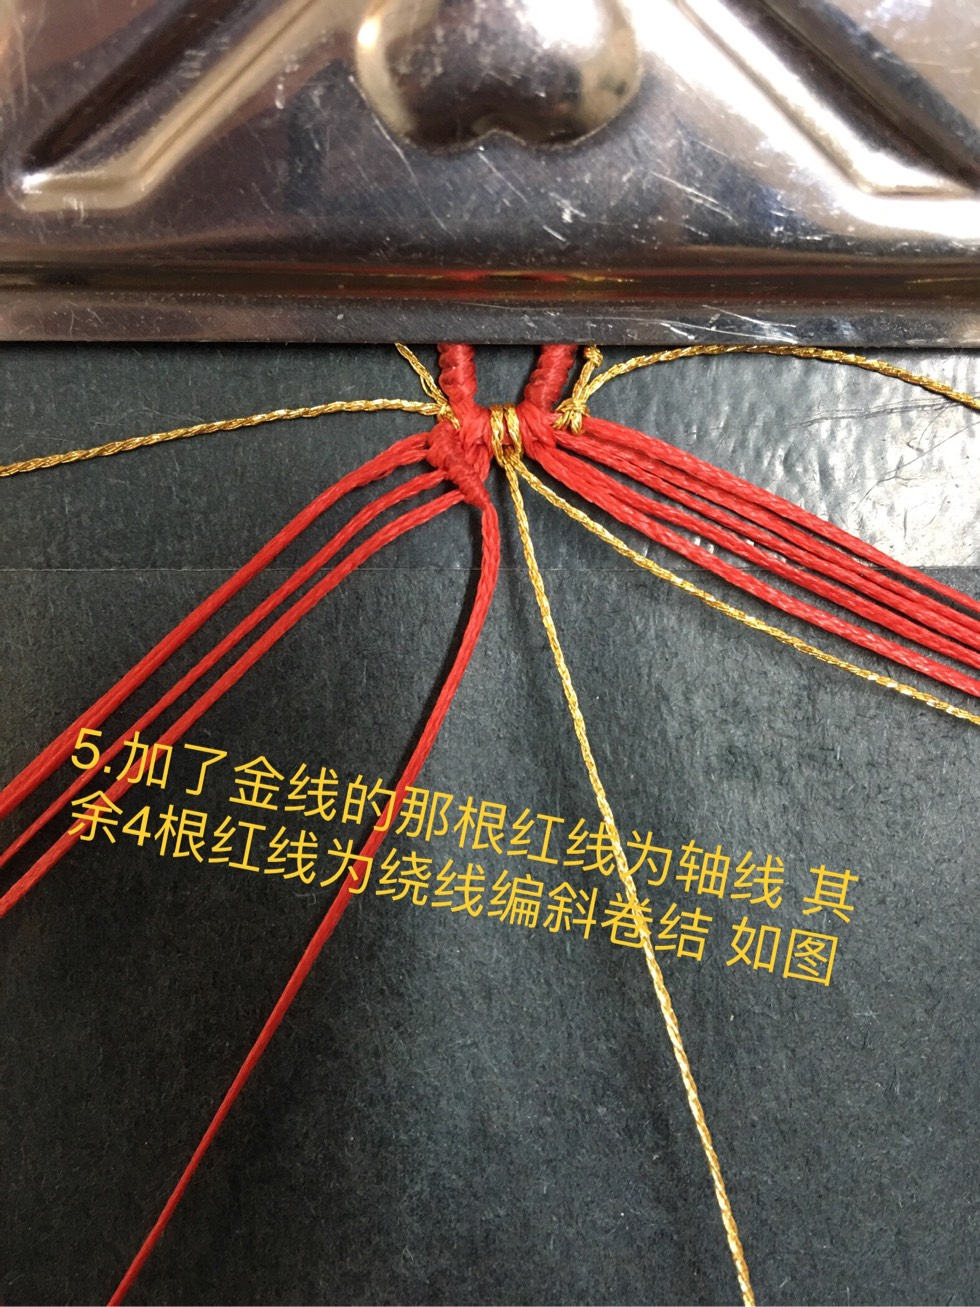 中国结论坛 金线包边手绳手链教程 手链,教程,金线红绳手链编织,金线手绳编法,金线手链编织教程 图文教程区 230347bq1v4bm4nokfm3b3